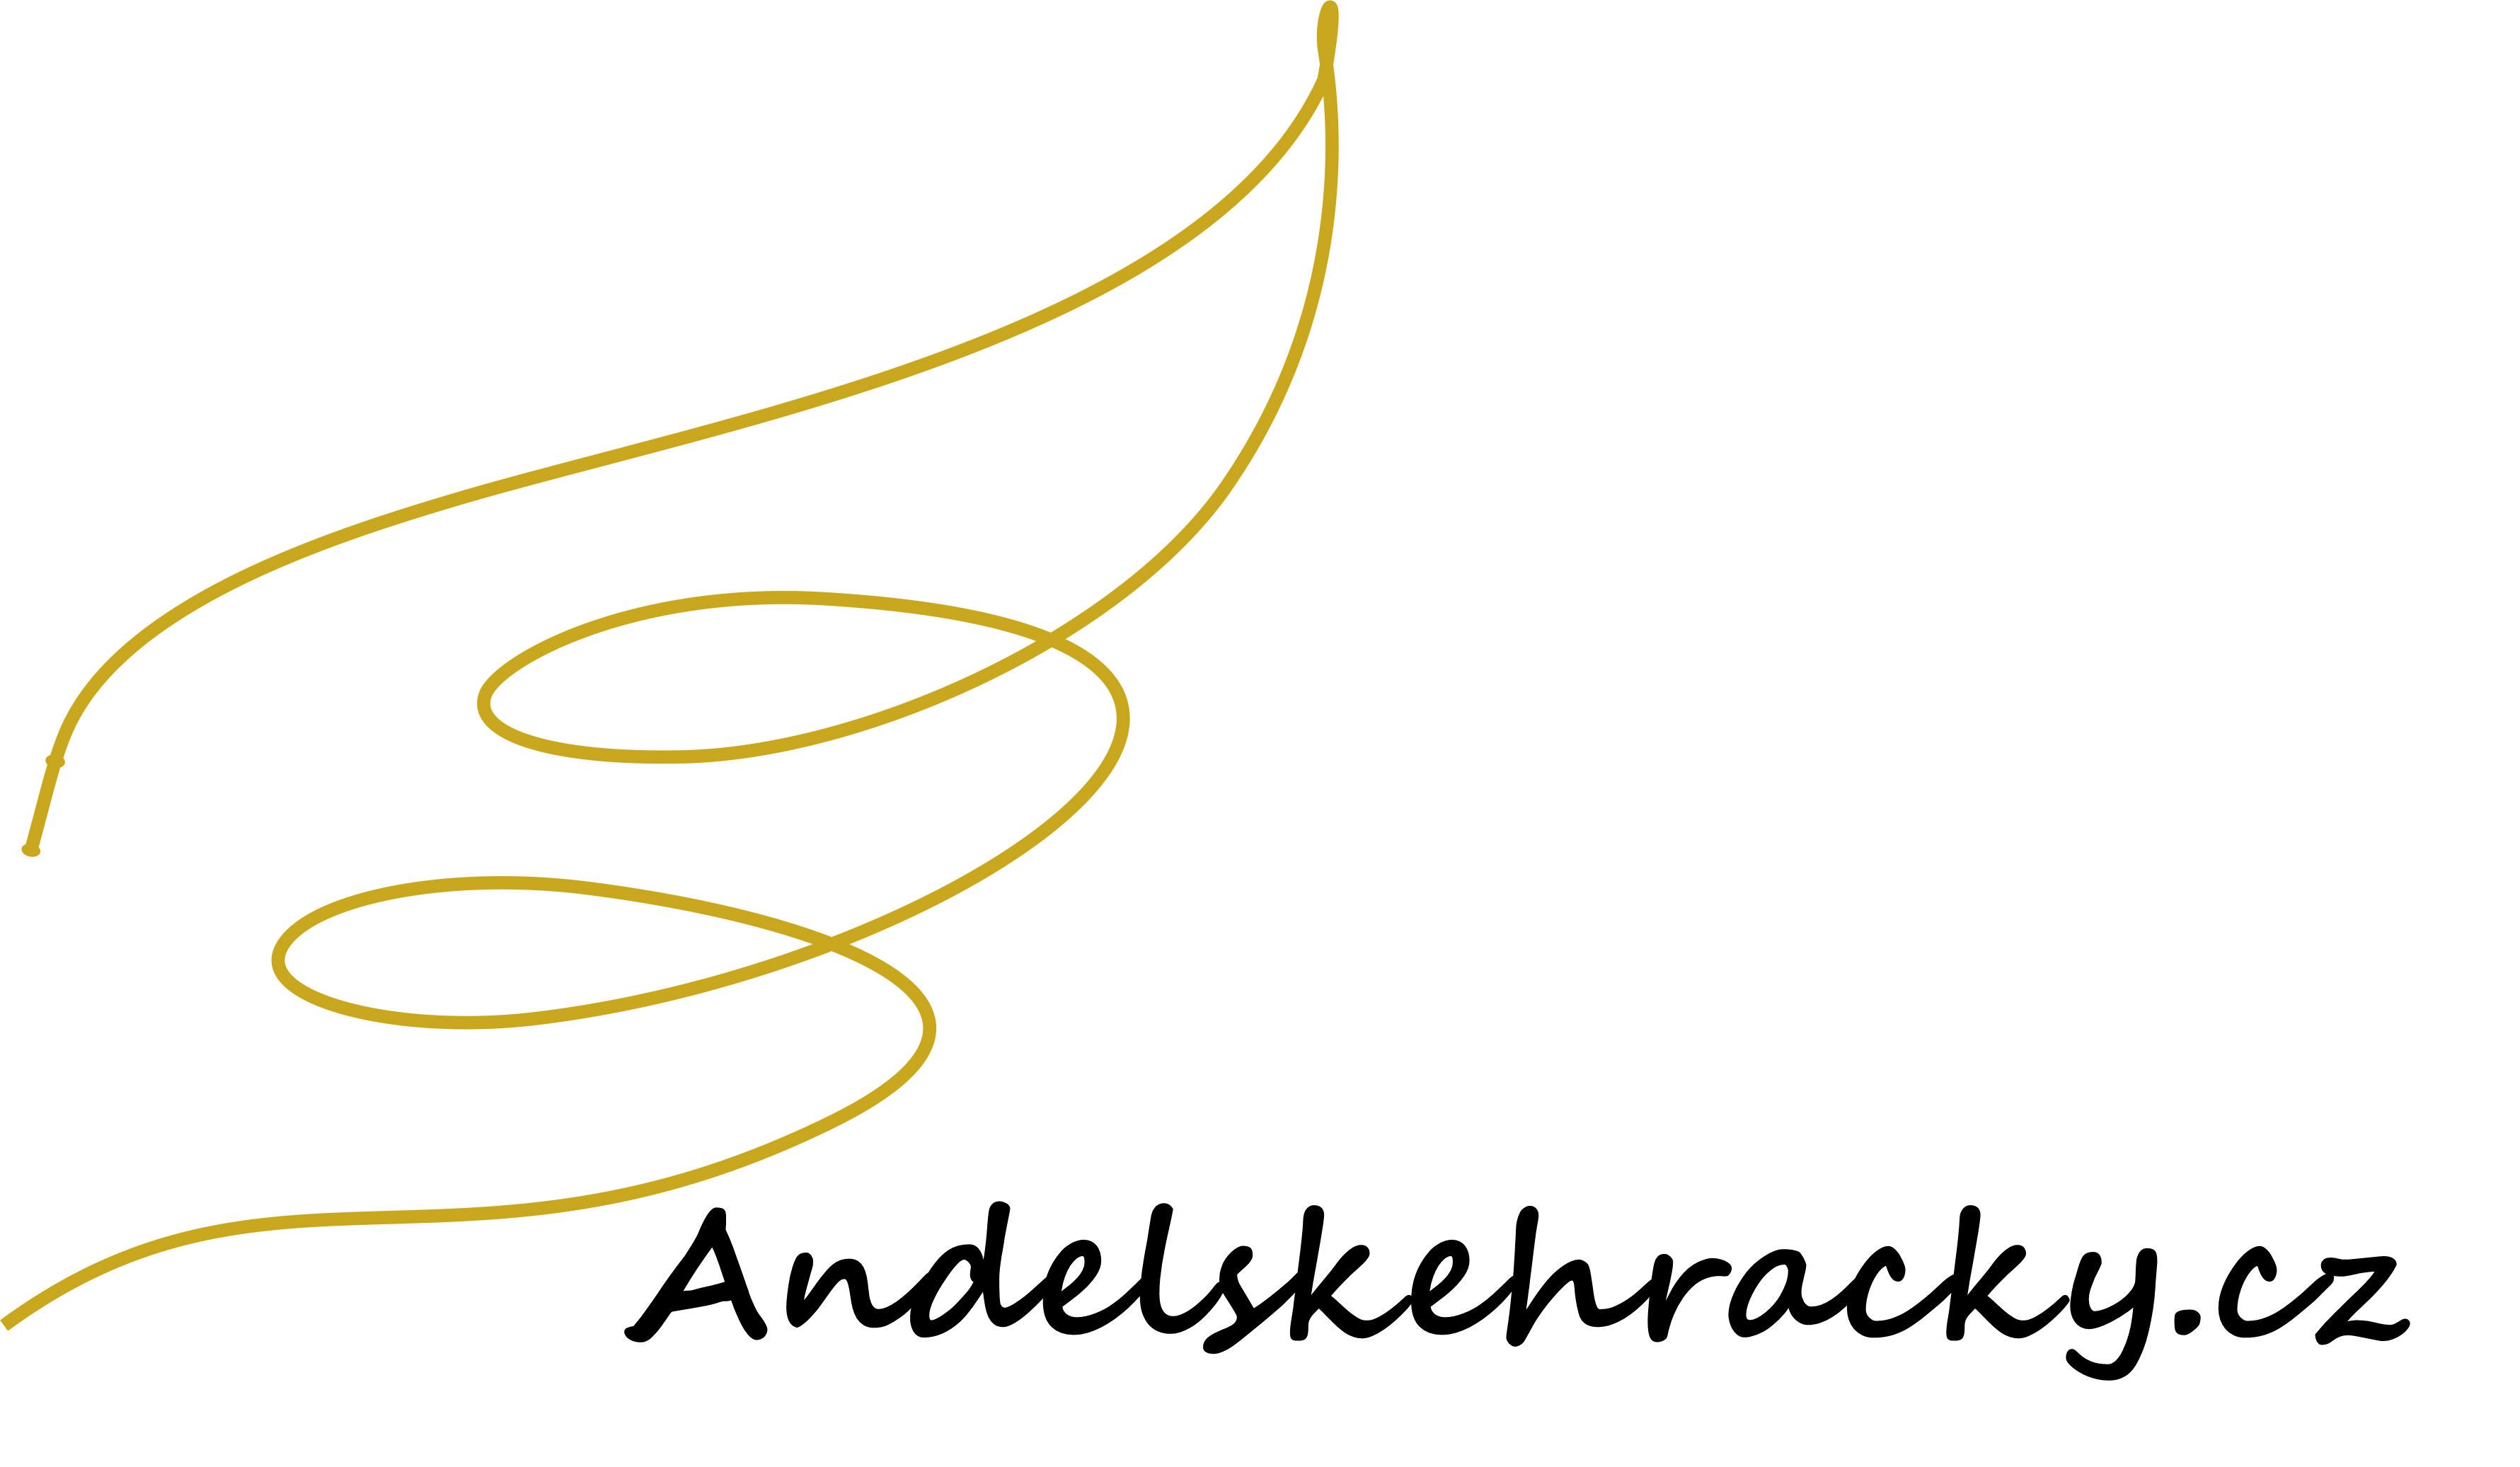 Andelskehracky.cz